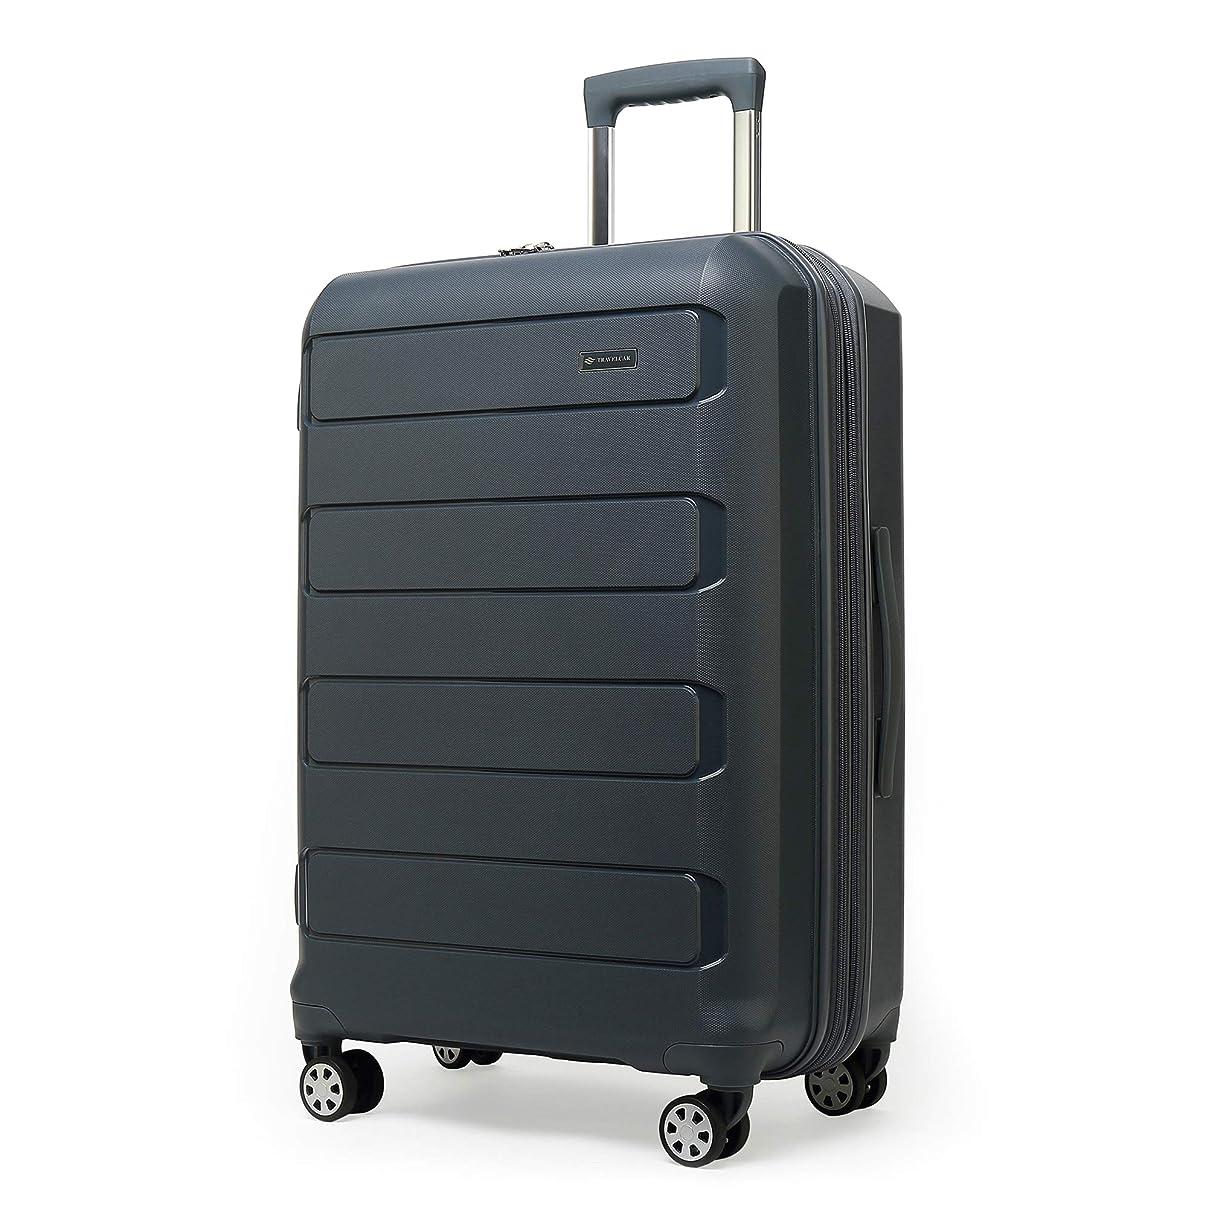 テメリティ検出するミットクロース(Kroeus)スーツケース キャリーケース 容量拡張機能 PP100%ボディ TSAロック搭載 8輪 ファスナータイプ 超軽量 日本語取扱説明書 1年間保証付き